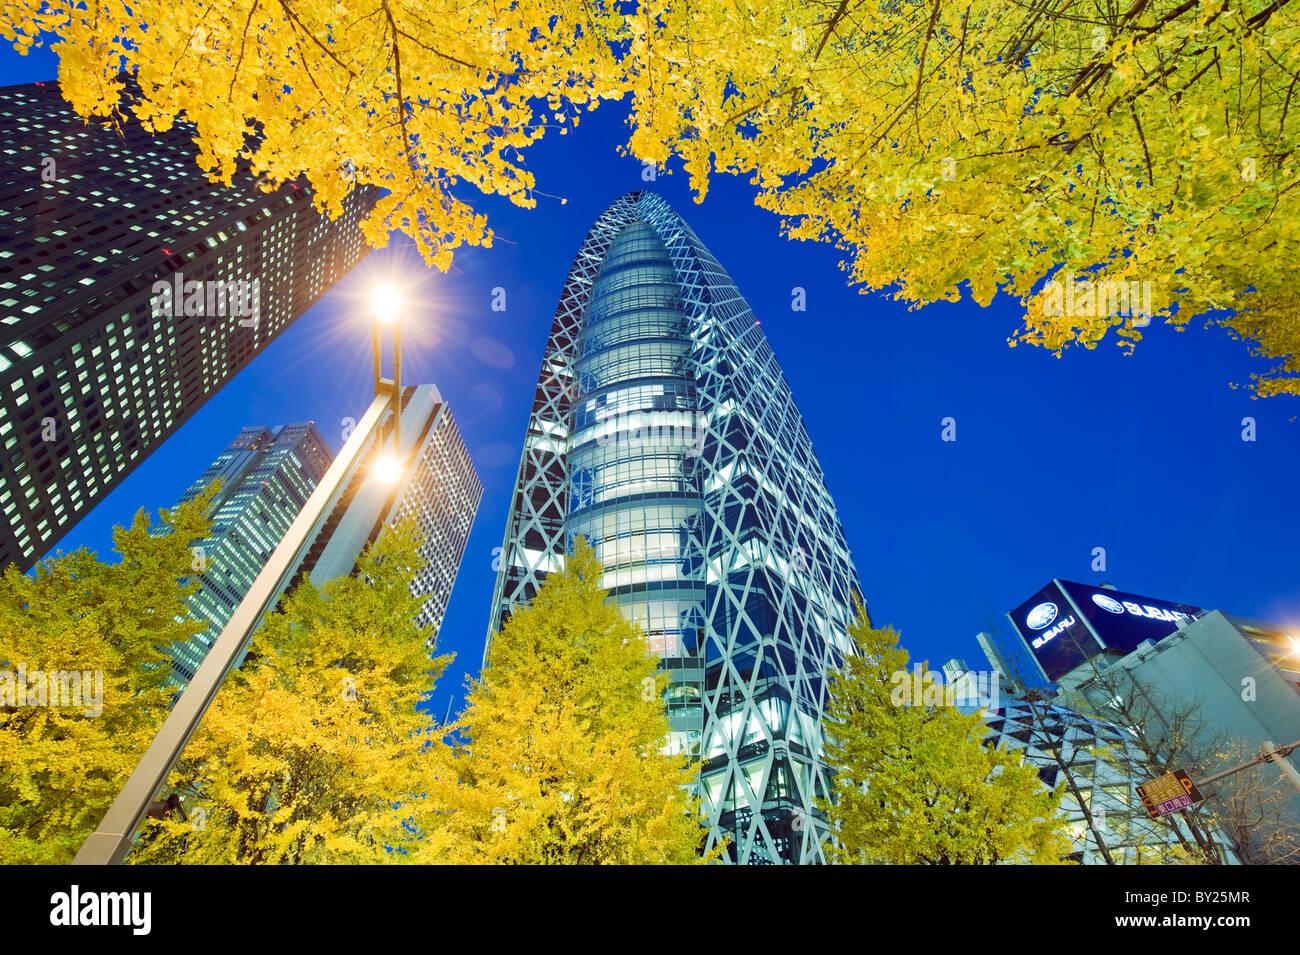 Asien, Japan, Tokio, Shinjuku, Tokyo Mode Gakuen Cocoon Tower Design Schulgebäude, gelbe Ginkgo-Blätter Stockbild